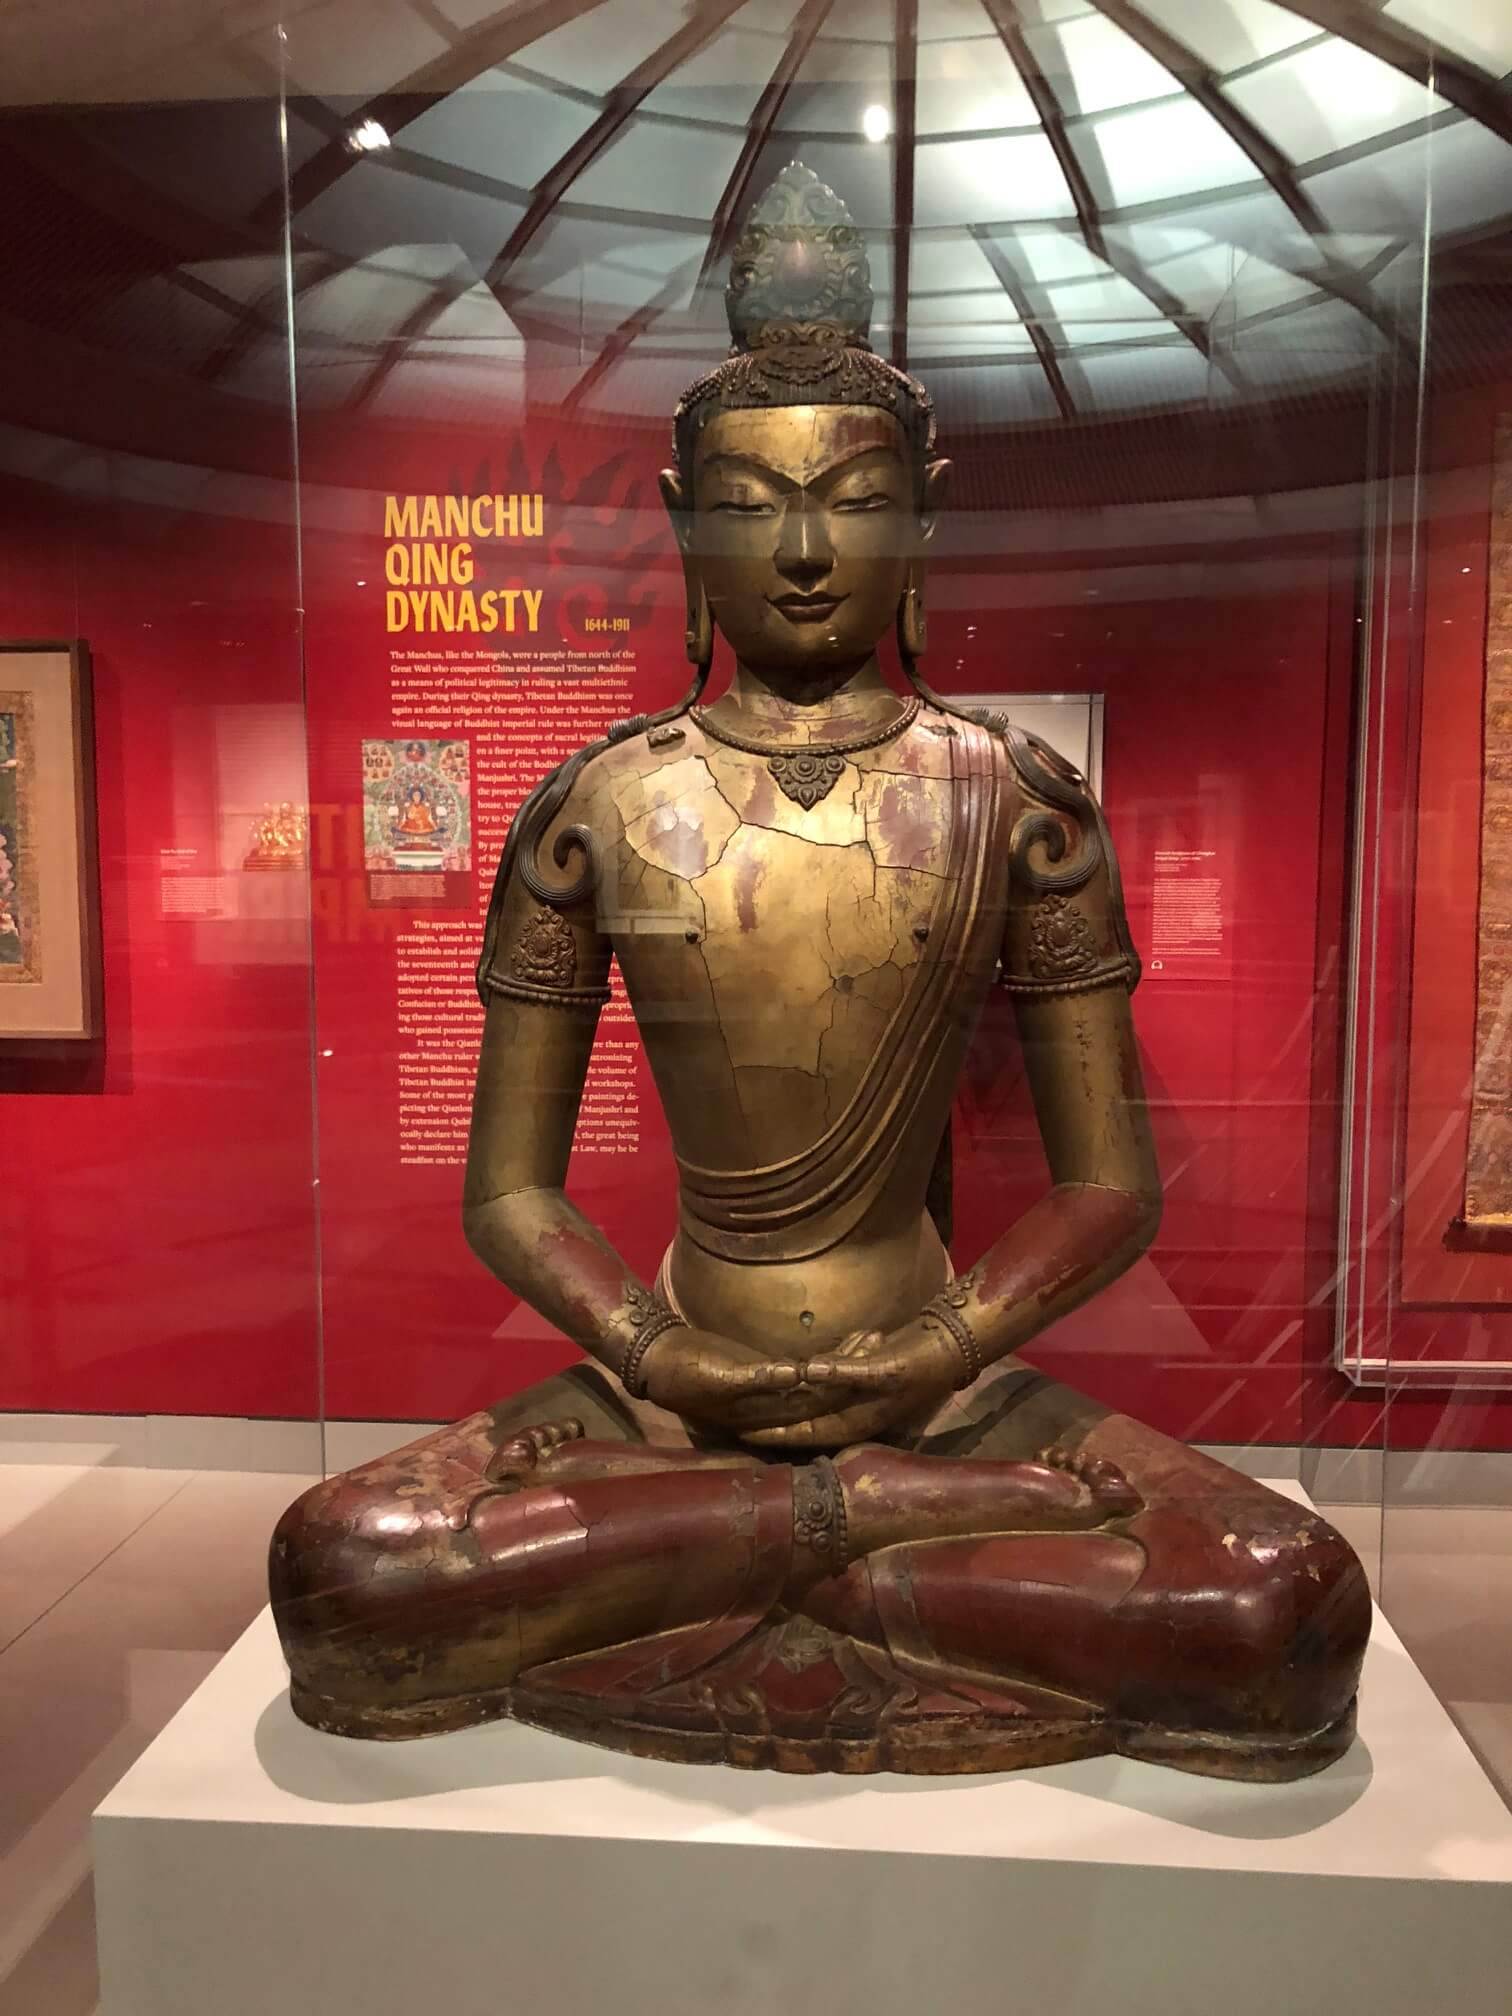 The Buddha Amitayus Rubin Museum